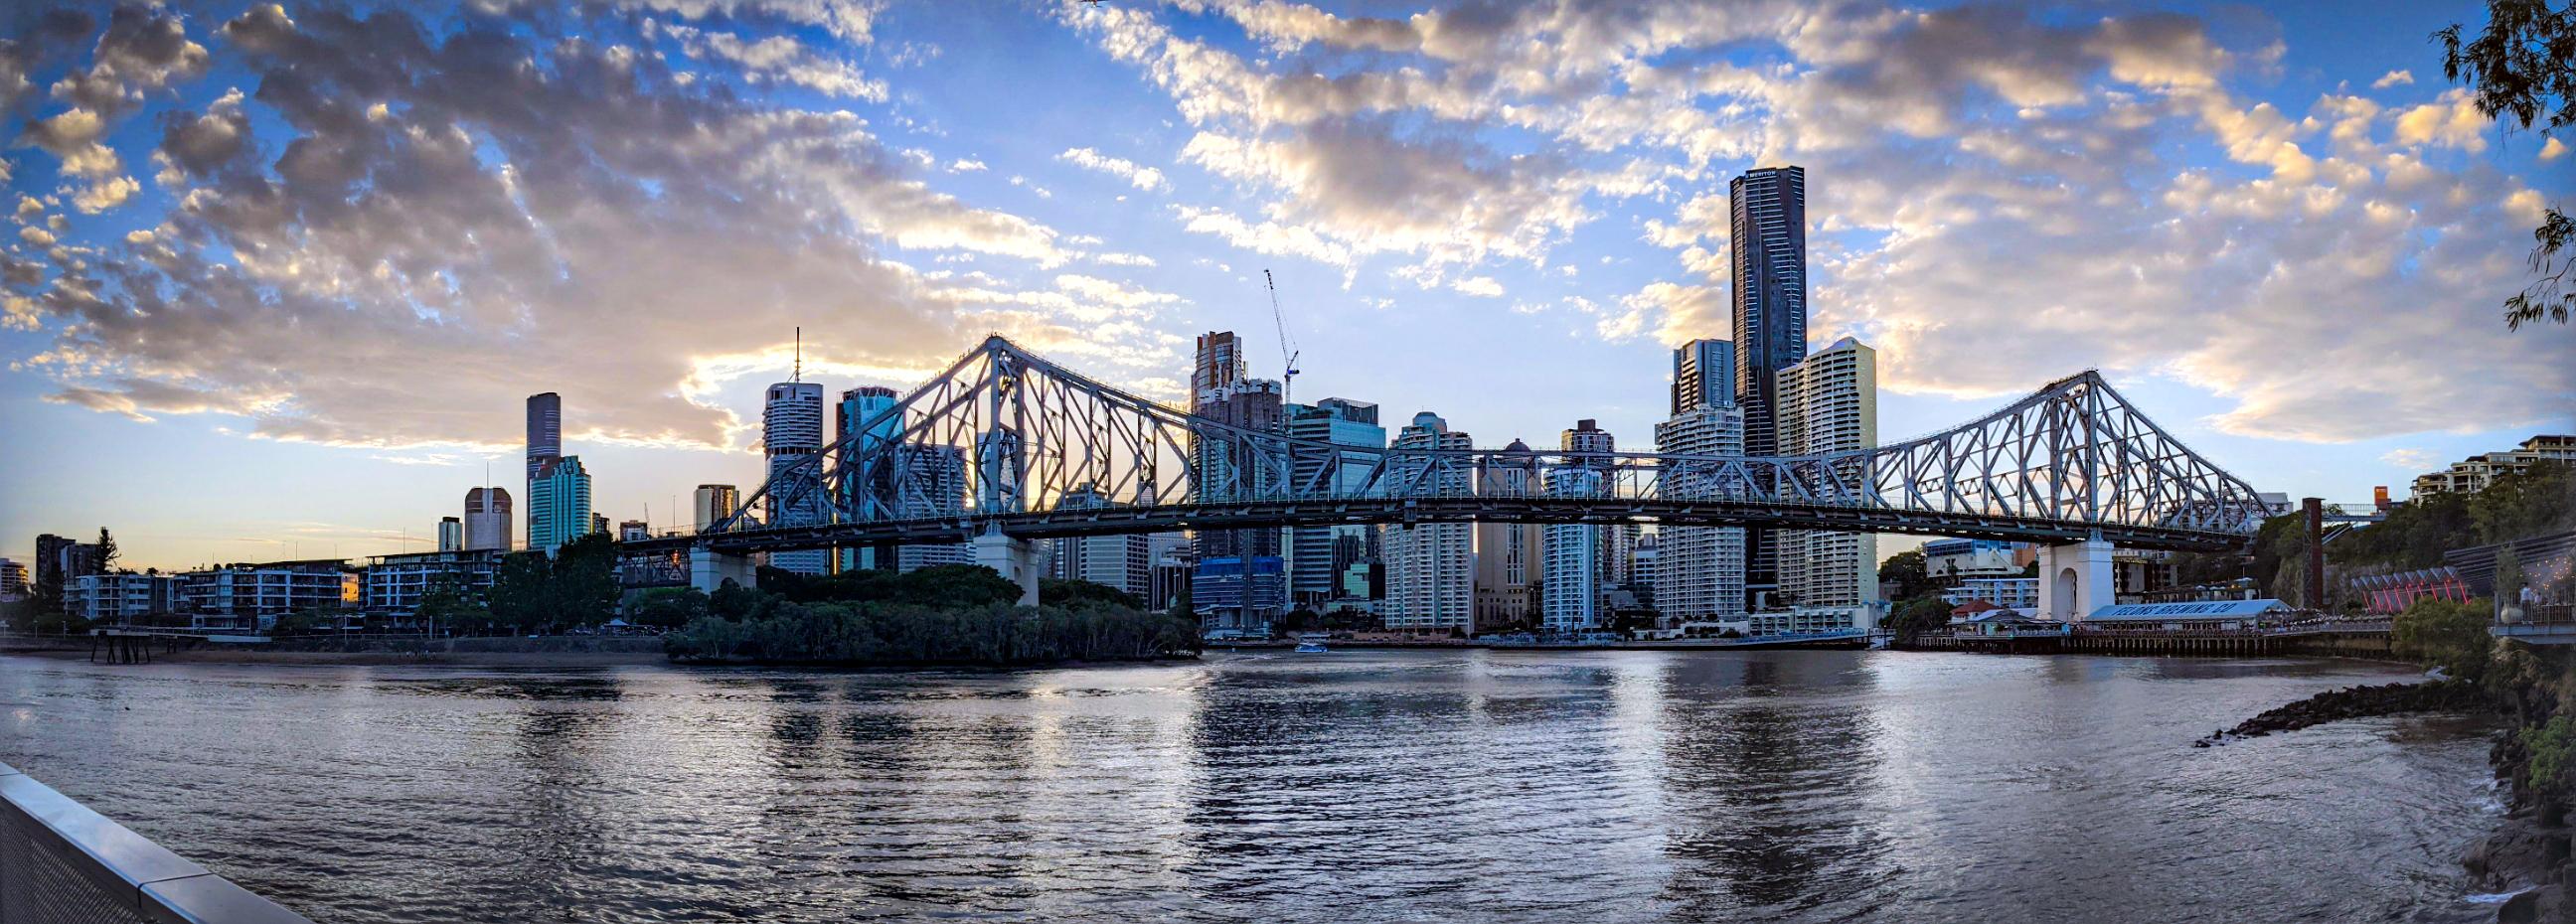 Panoramic sunset shot of the Storey Bridge and Brisbane CBD